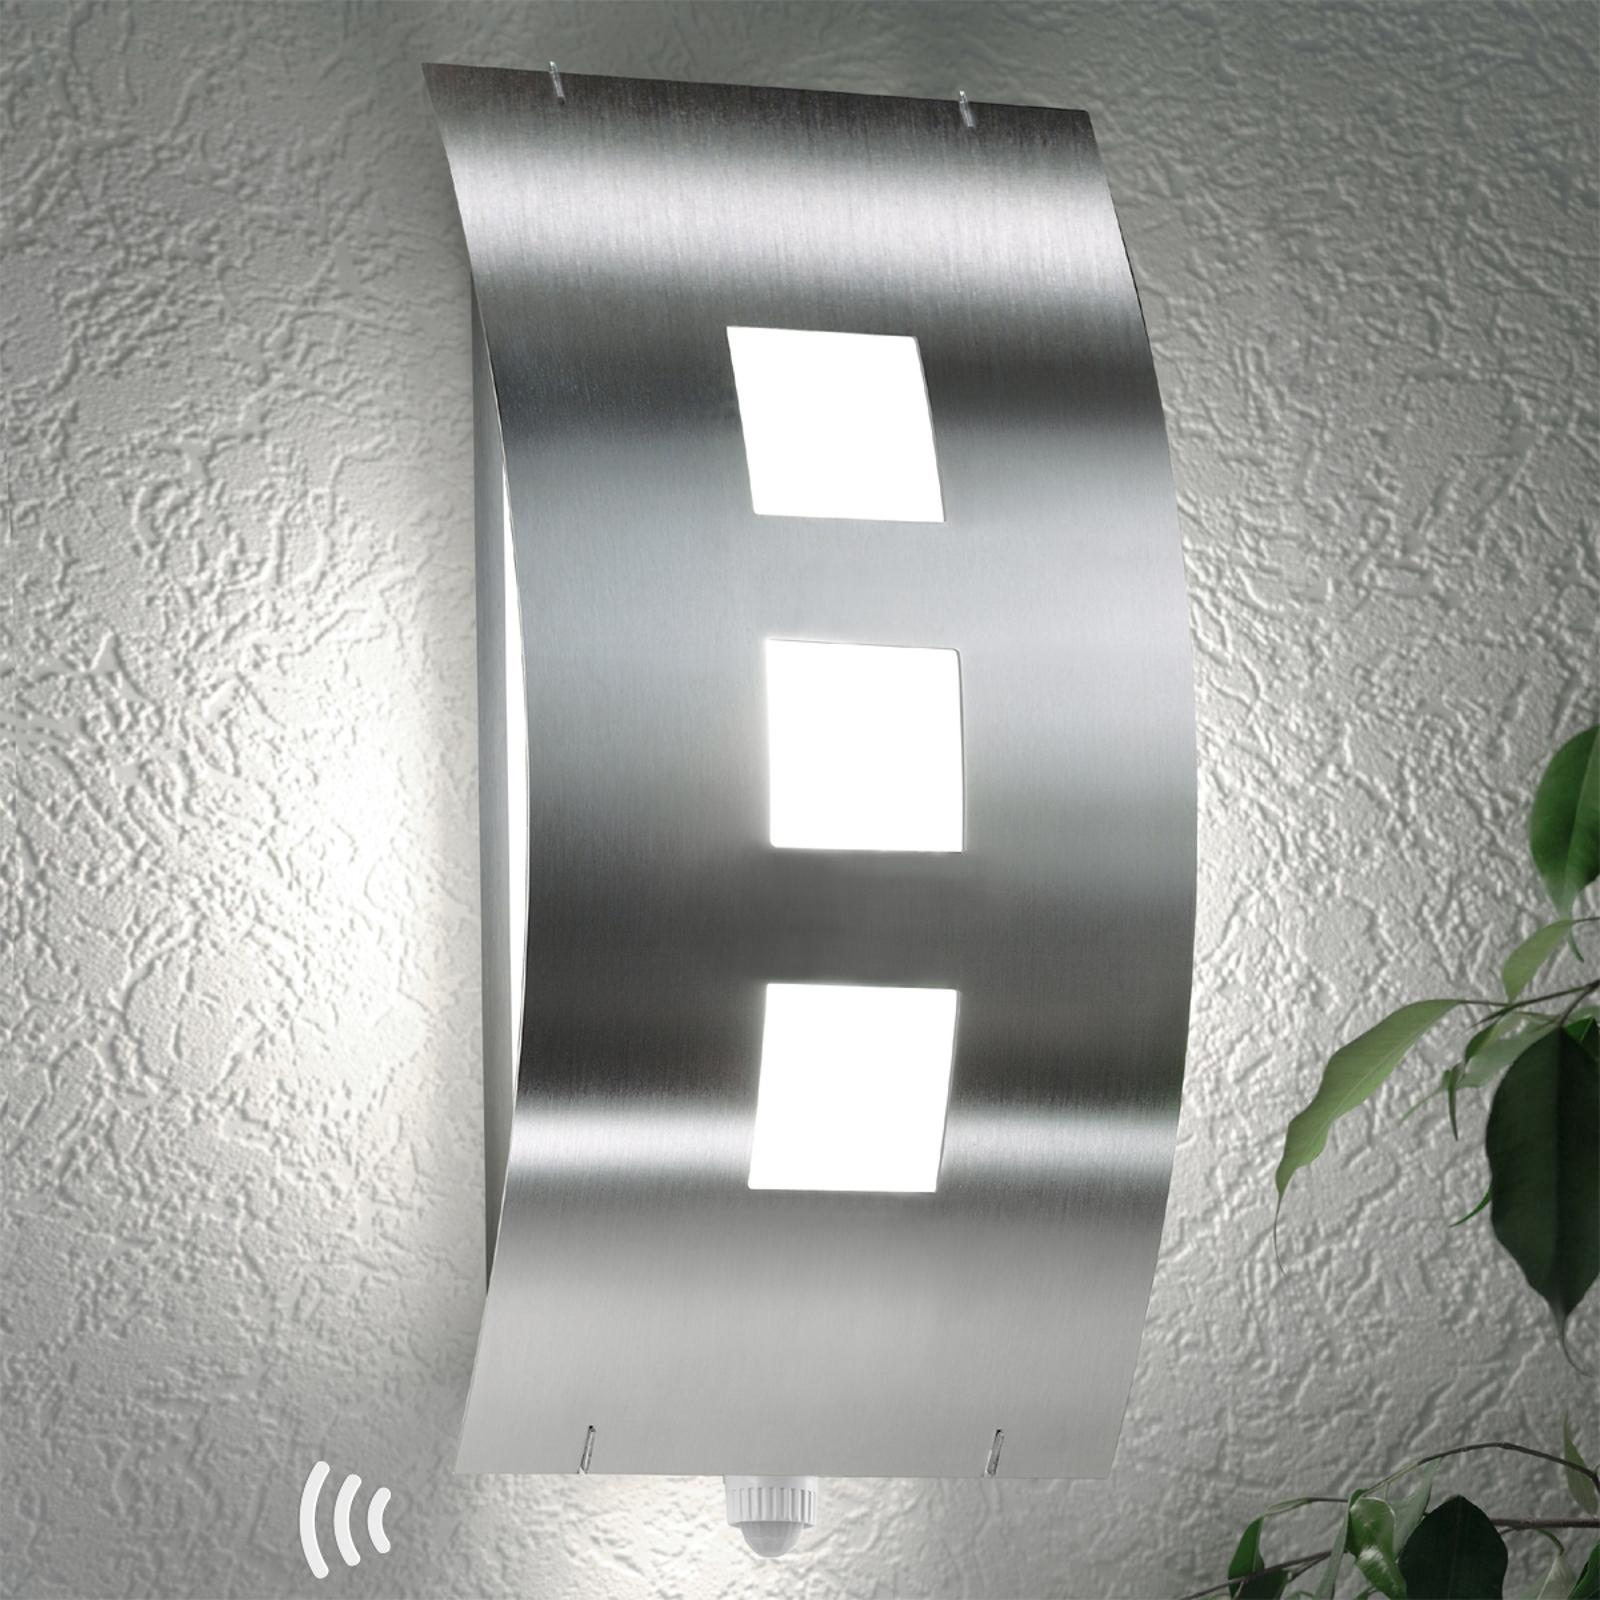 Pregiata lampada parete esterni Toma, con sensore